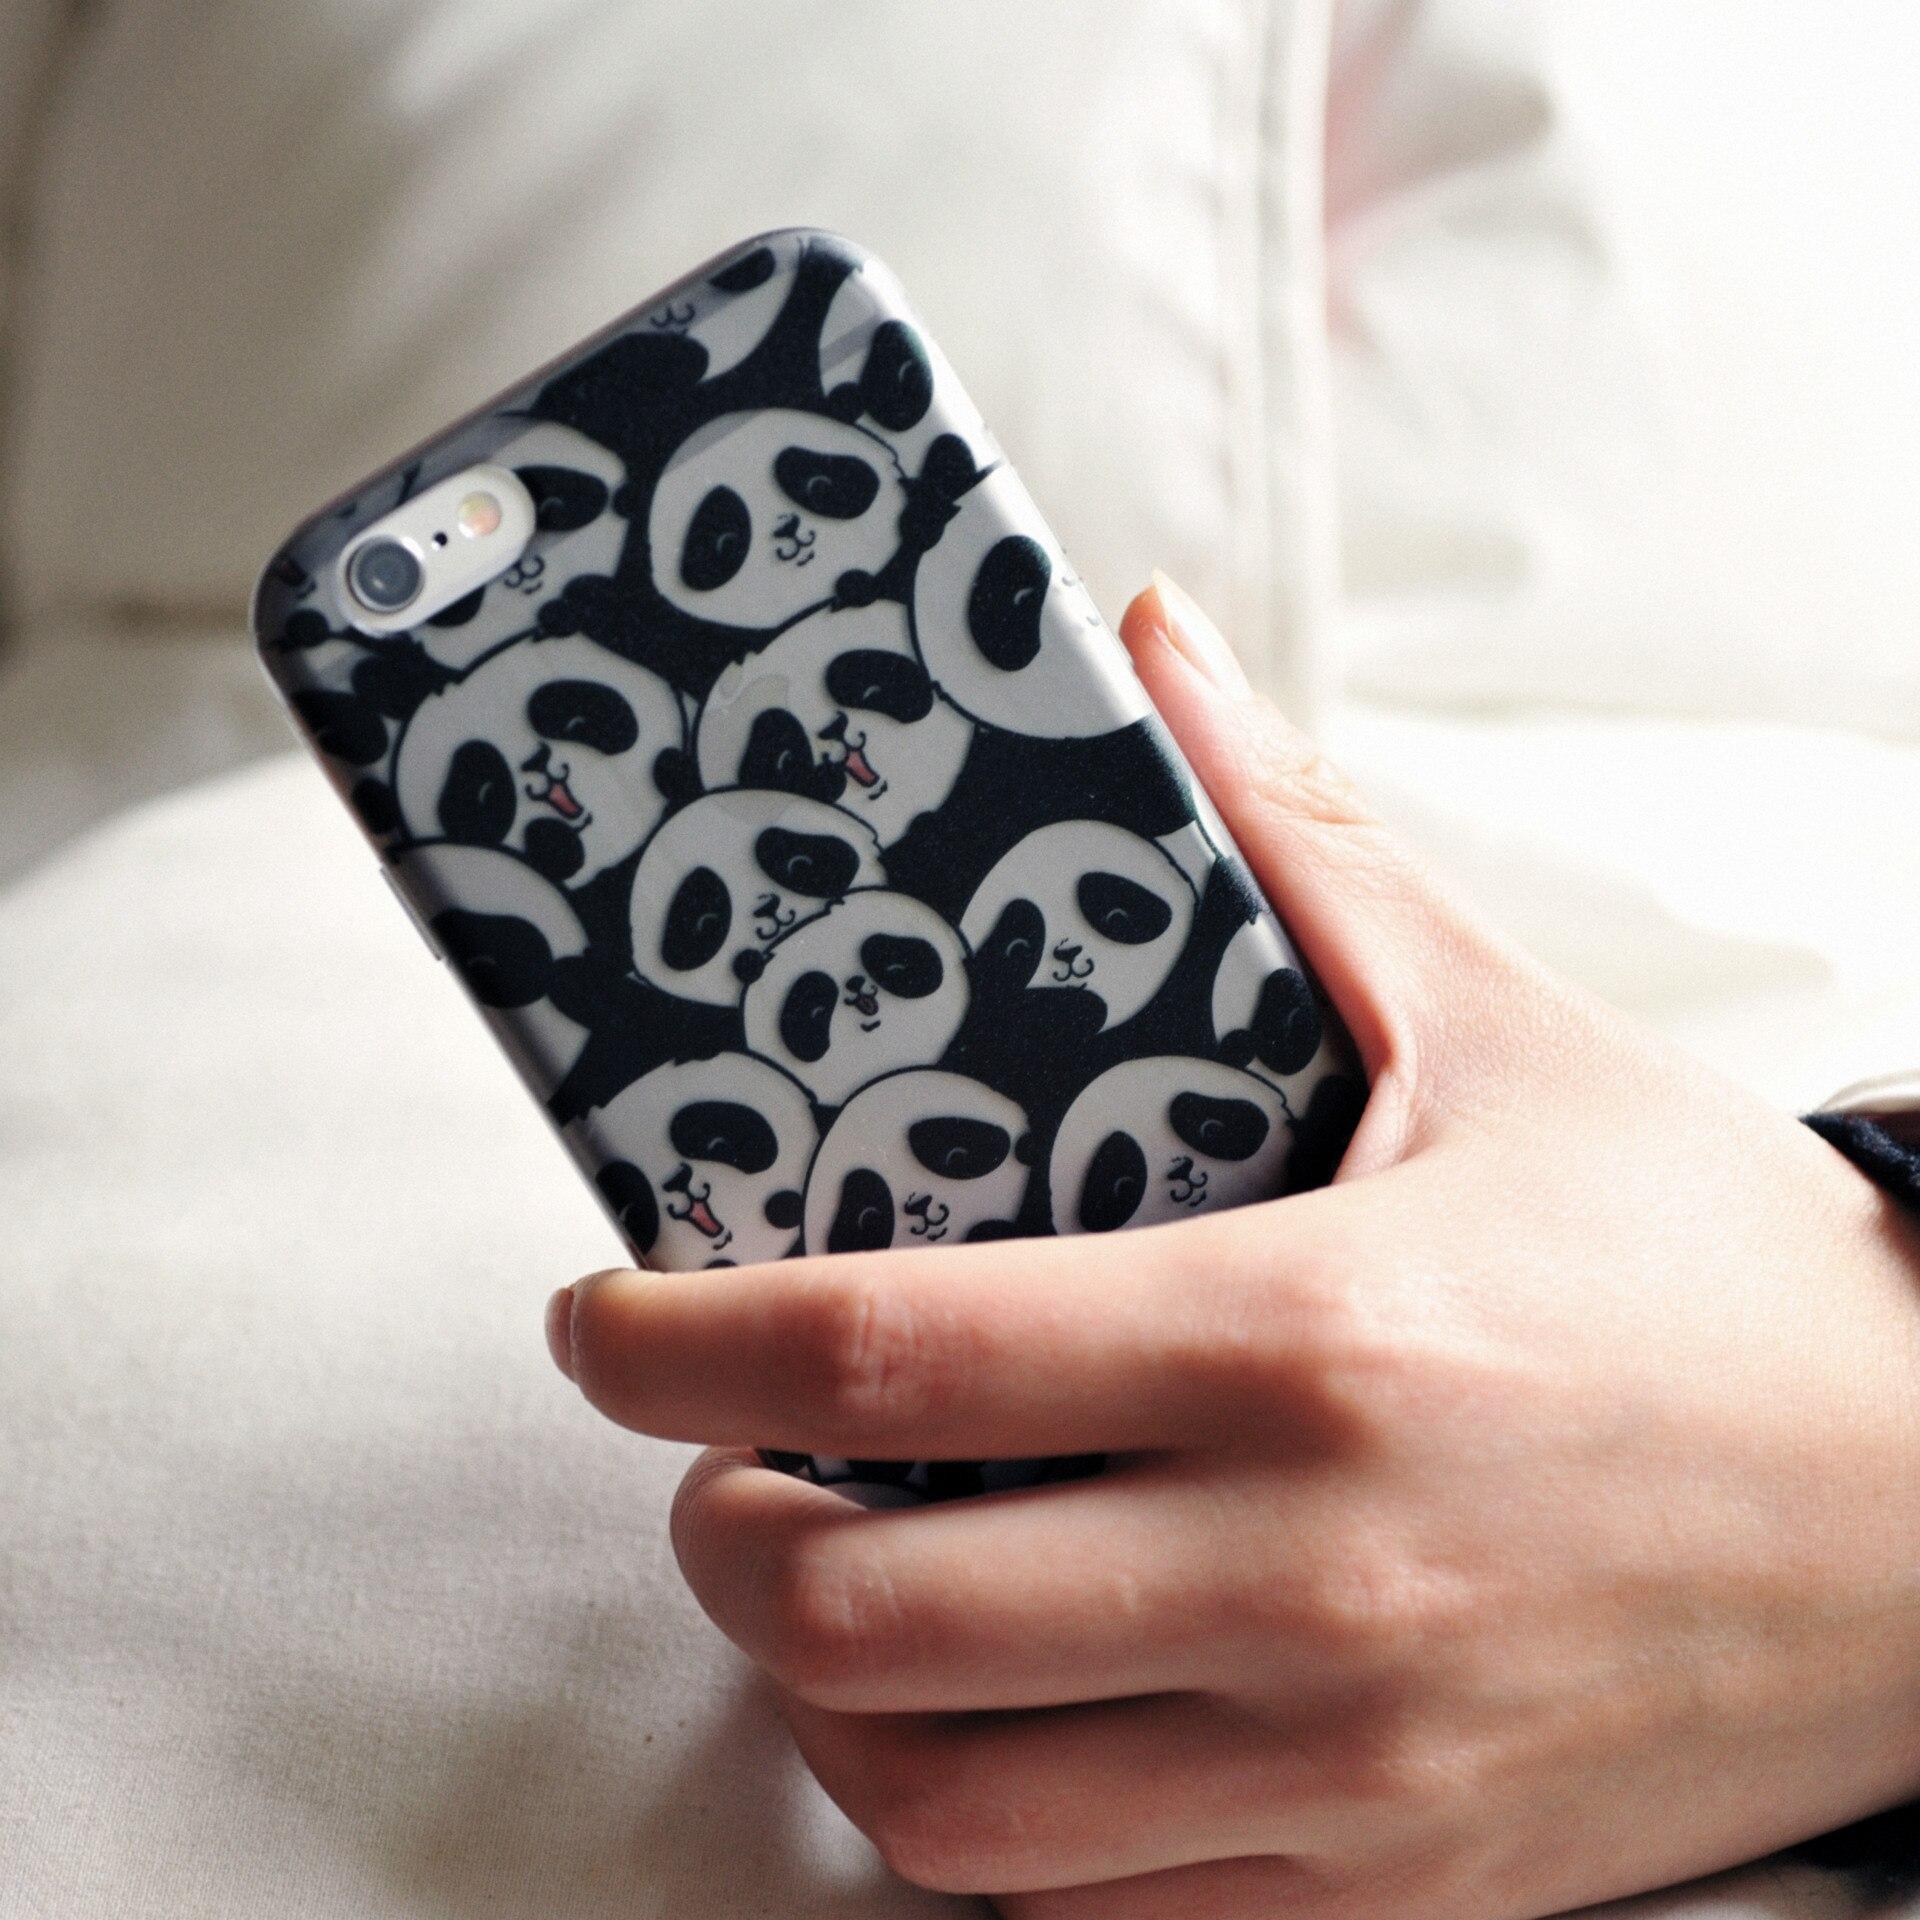 Симпатичные панды палец кольцо телефон чехол для iPhone 6 S 4.7 дюймов прозрачный ТПУ Матовая телефона чехол для Iphone 6 6 S